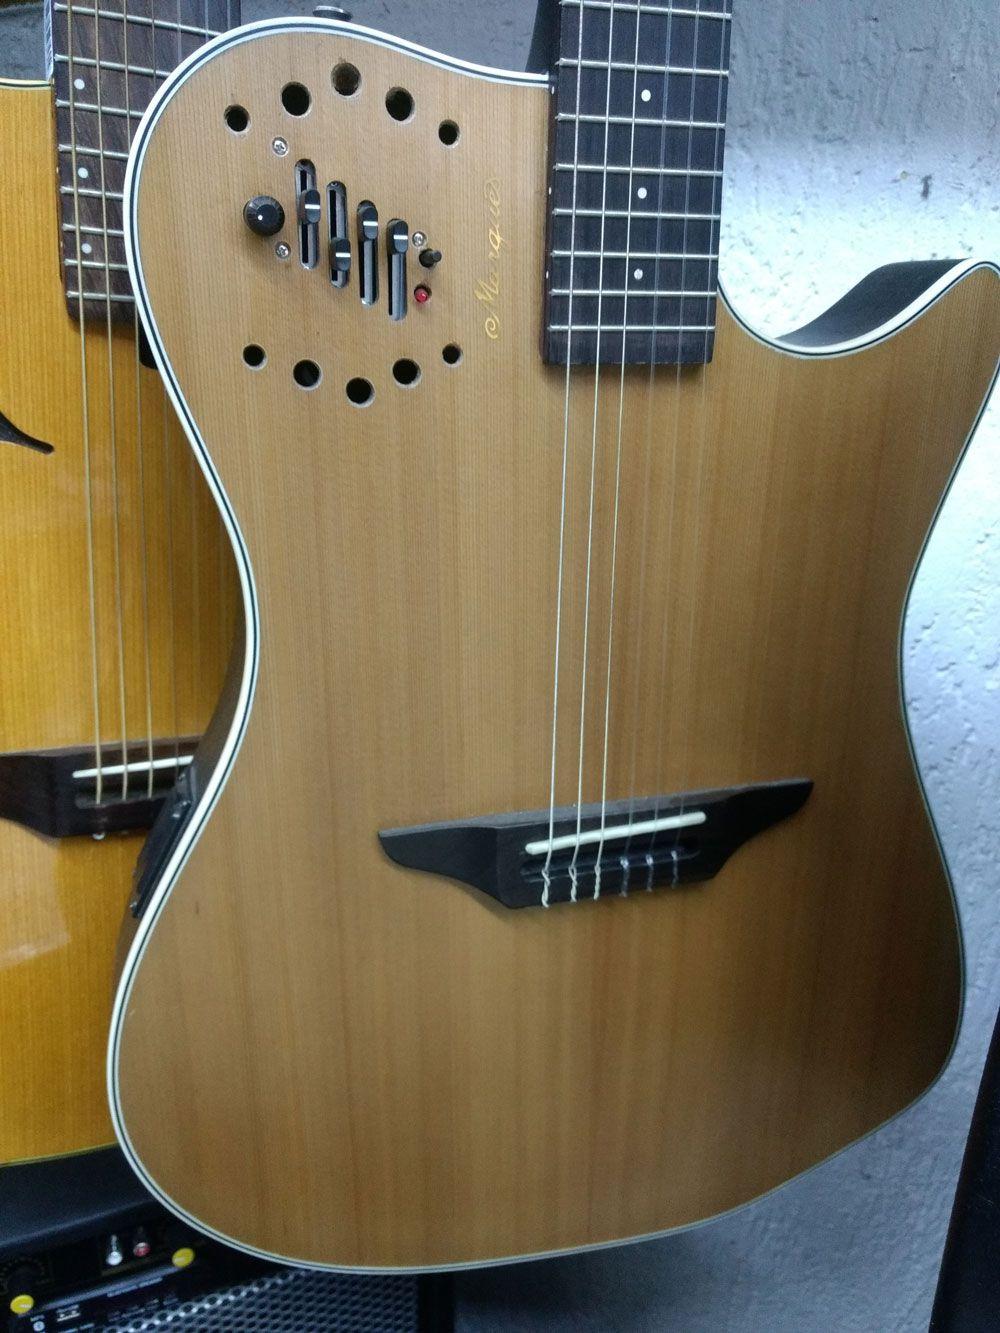 Violao Marques Nf215/vn12q7545 S/boca Nylon Clas.elet.4contr